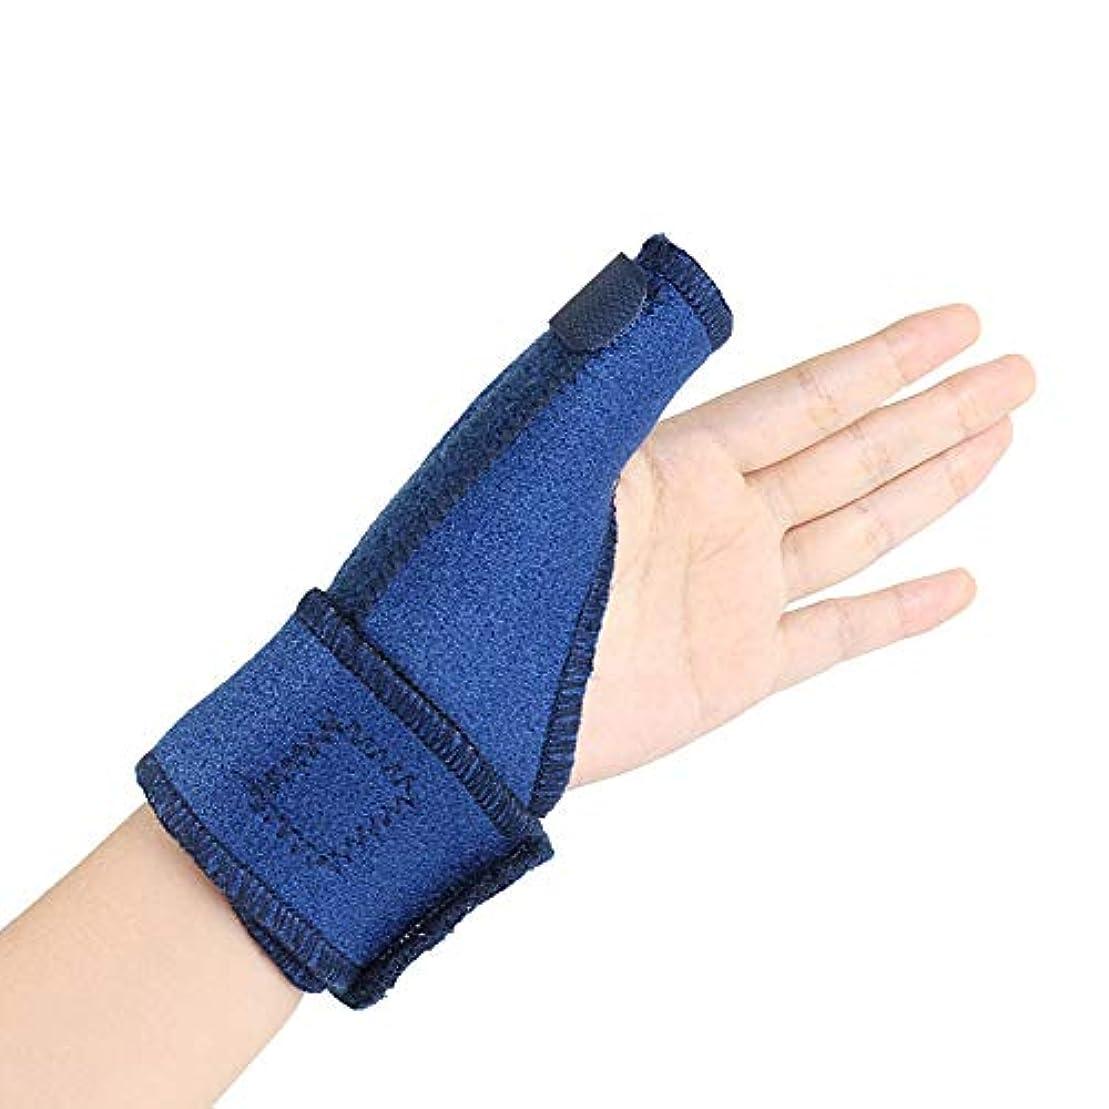 ワーカーずるい無線yuio トリガーフィンガースプリントフィンガーブレースサムブレースサポート-関節炎用親指スピカスプリント、腱炎-シンプルなデザイン(右、青)